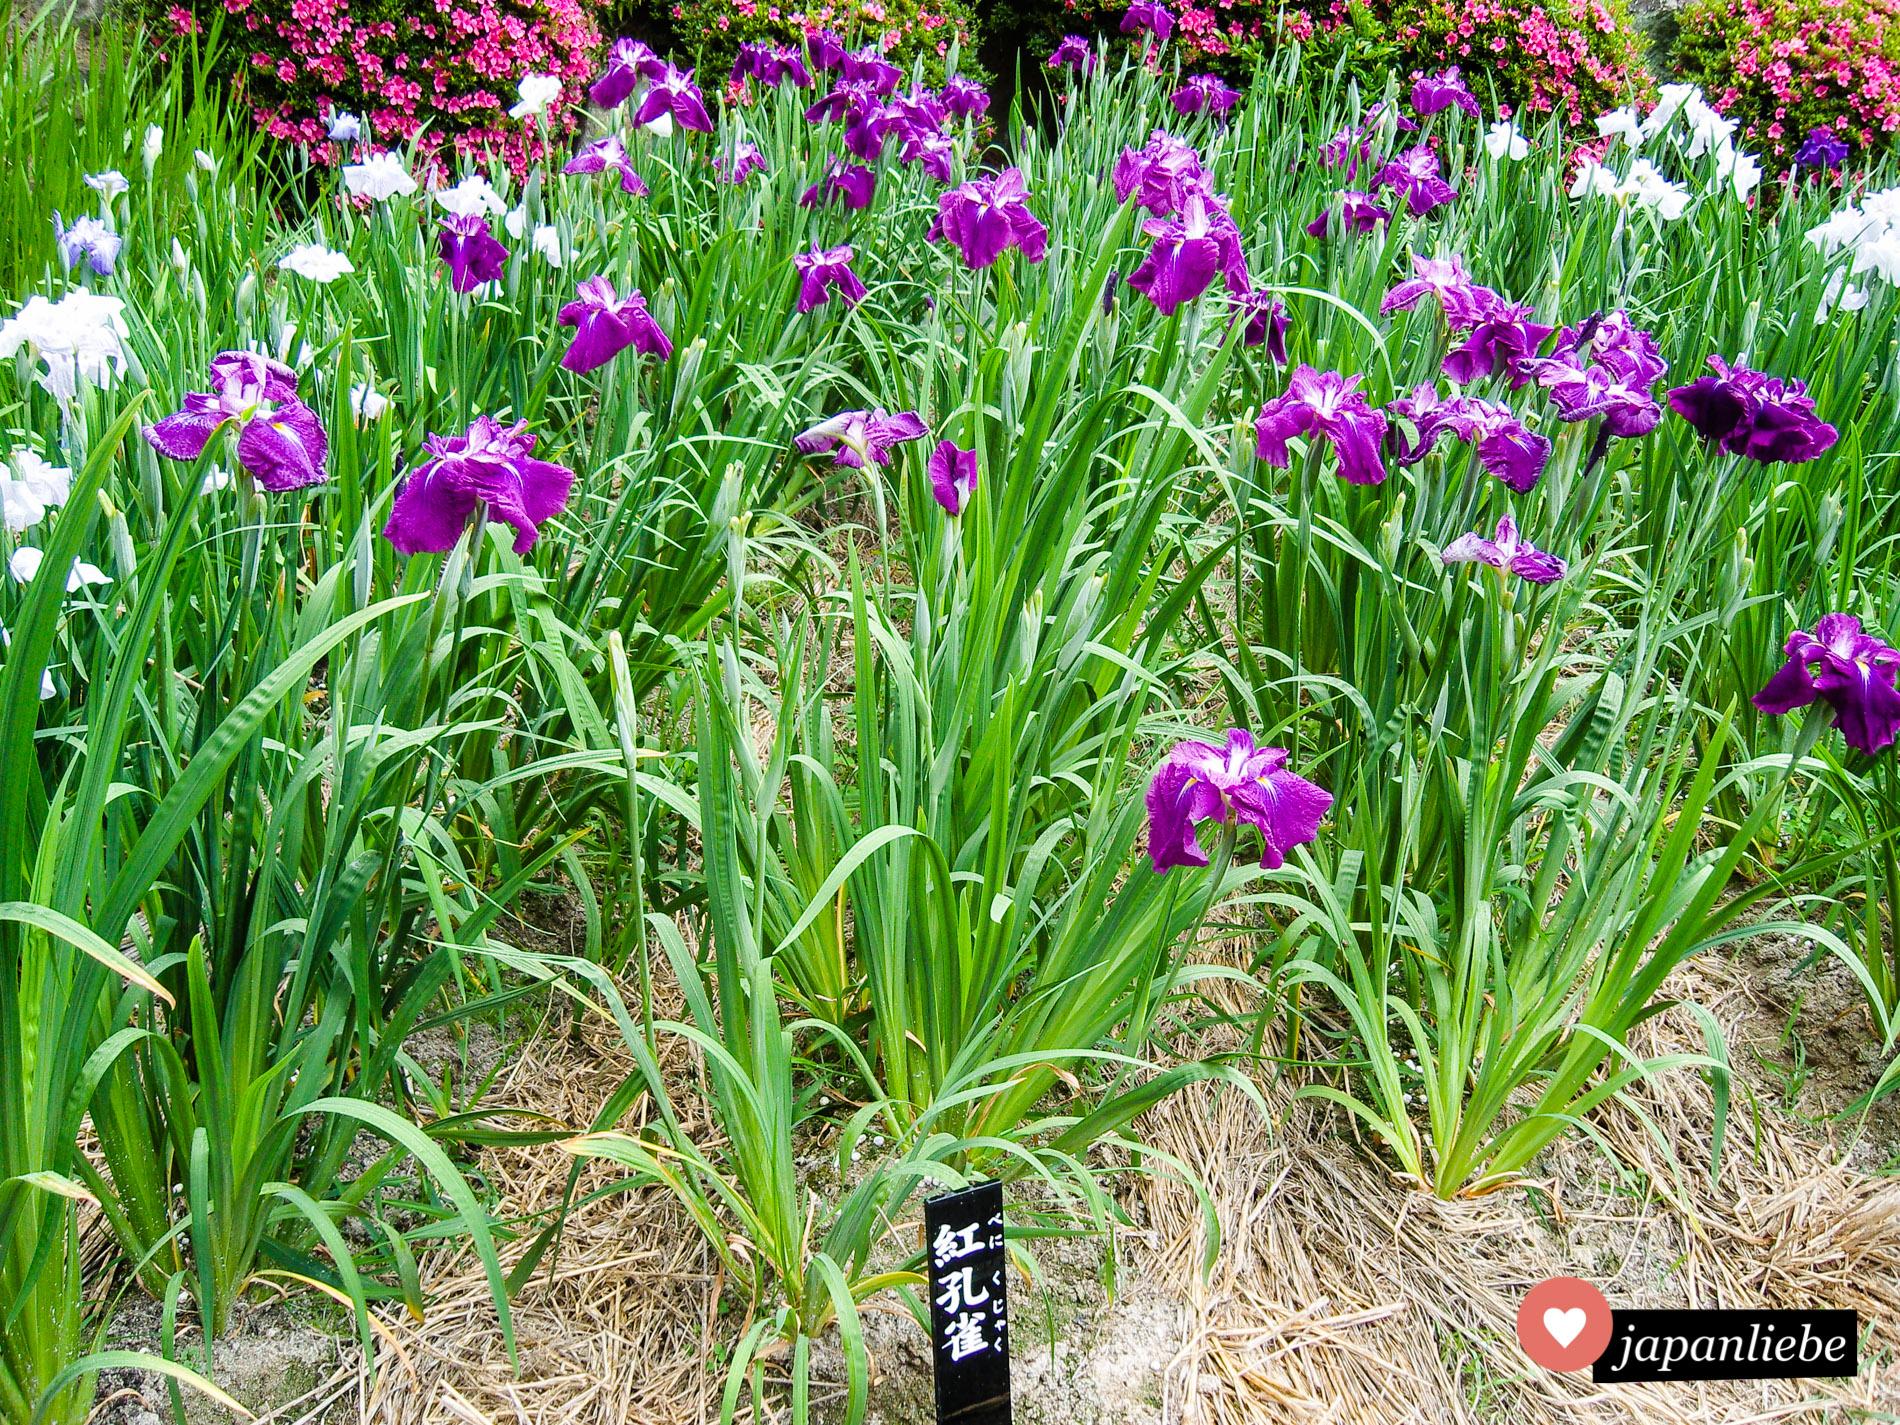 Iris blühen in Japan in diversen Weiß-, Lila- und Gelbtönen im Mai und Juni.